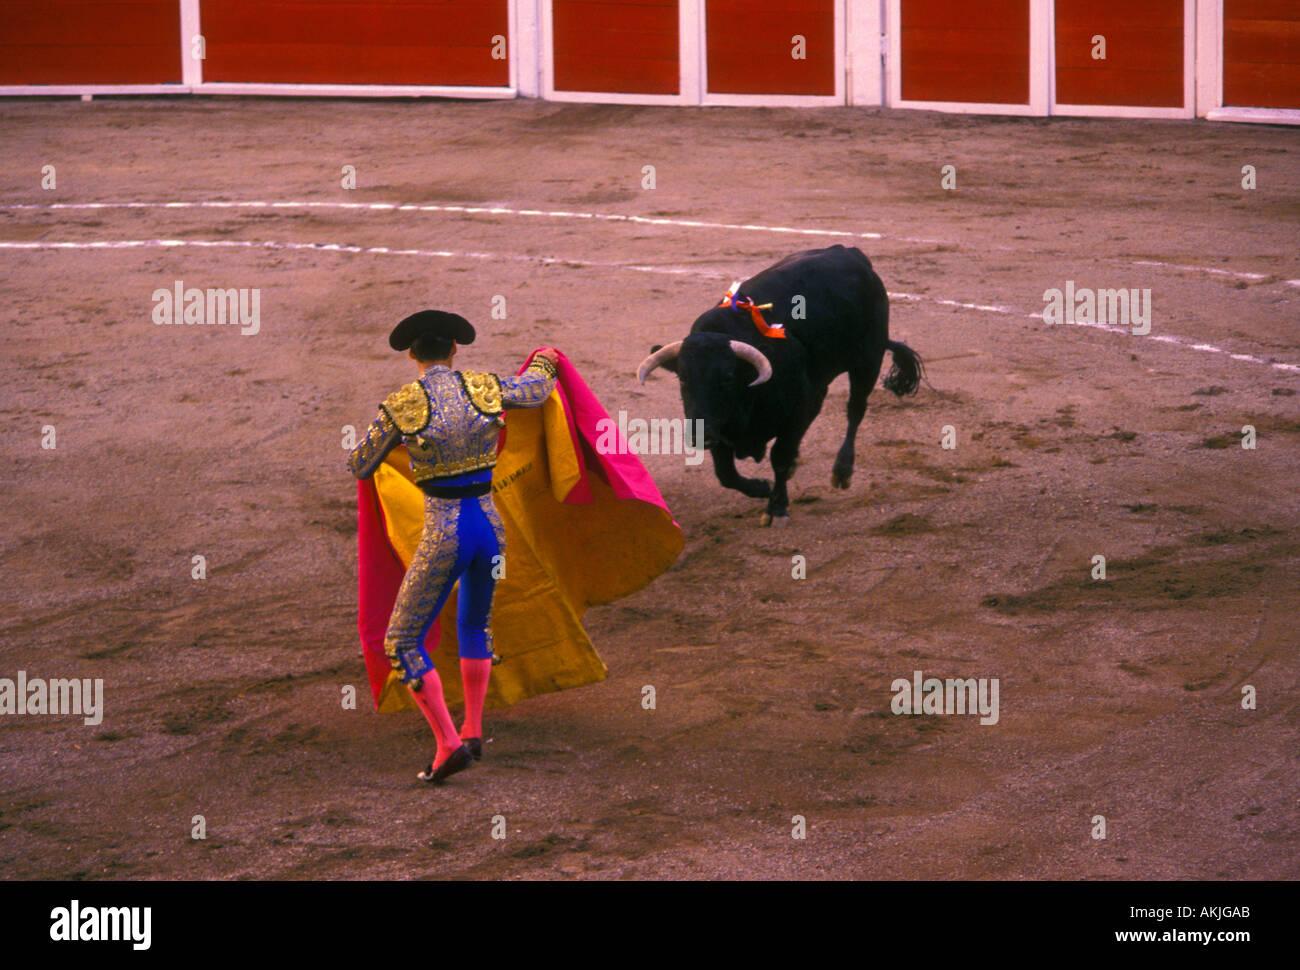 61103148cd2 Mexican Bullfight Matador Stock Photos   Mexican Bullfight Matador ...